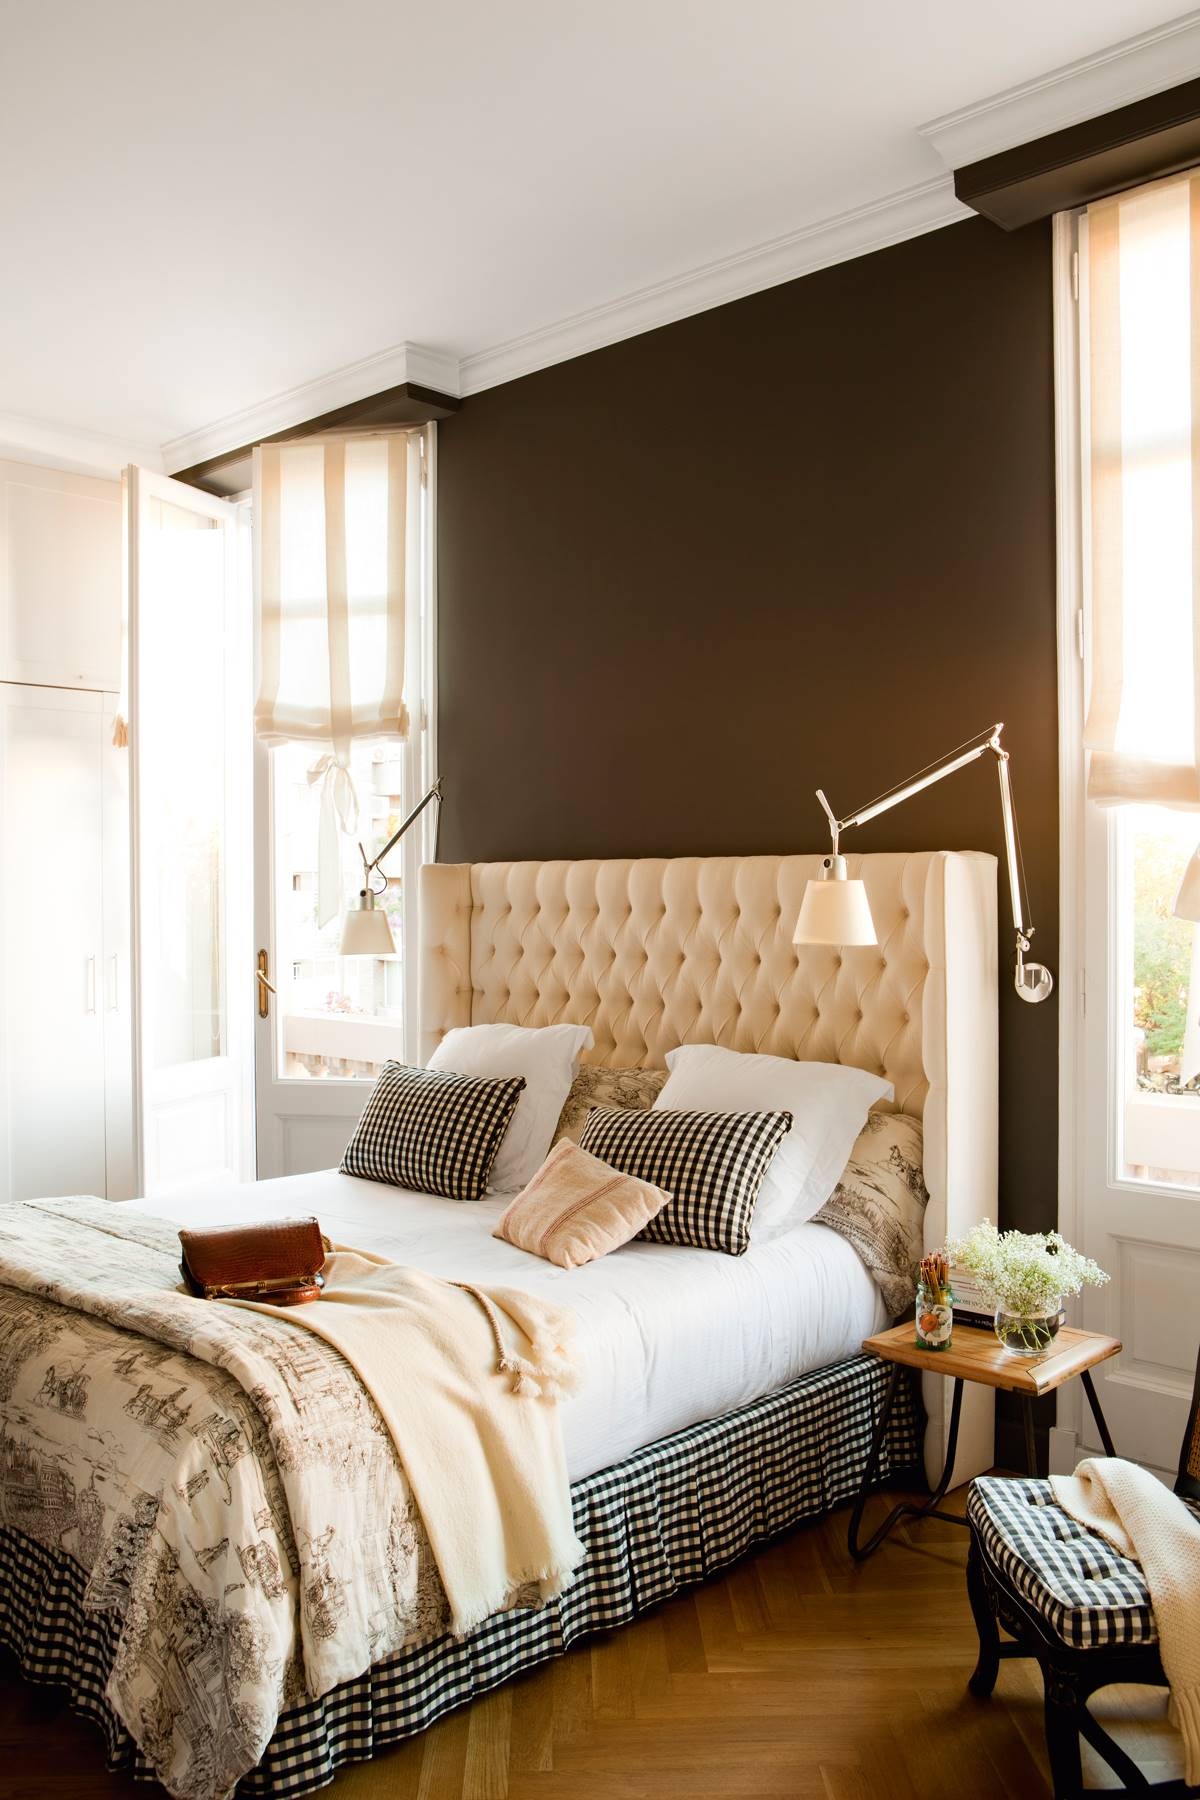 Dormitorio con cabecero-capitone-pared-negra-y-ropa-blanca-y-negra 397809